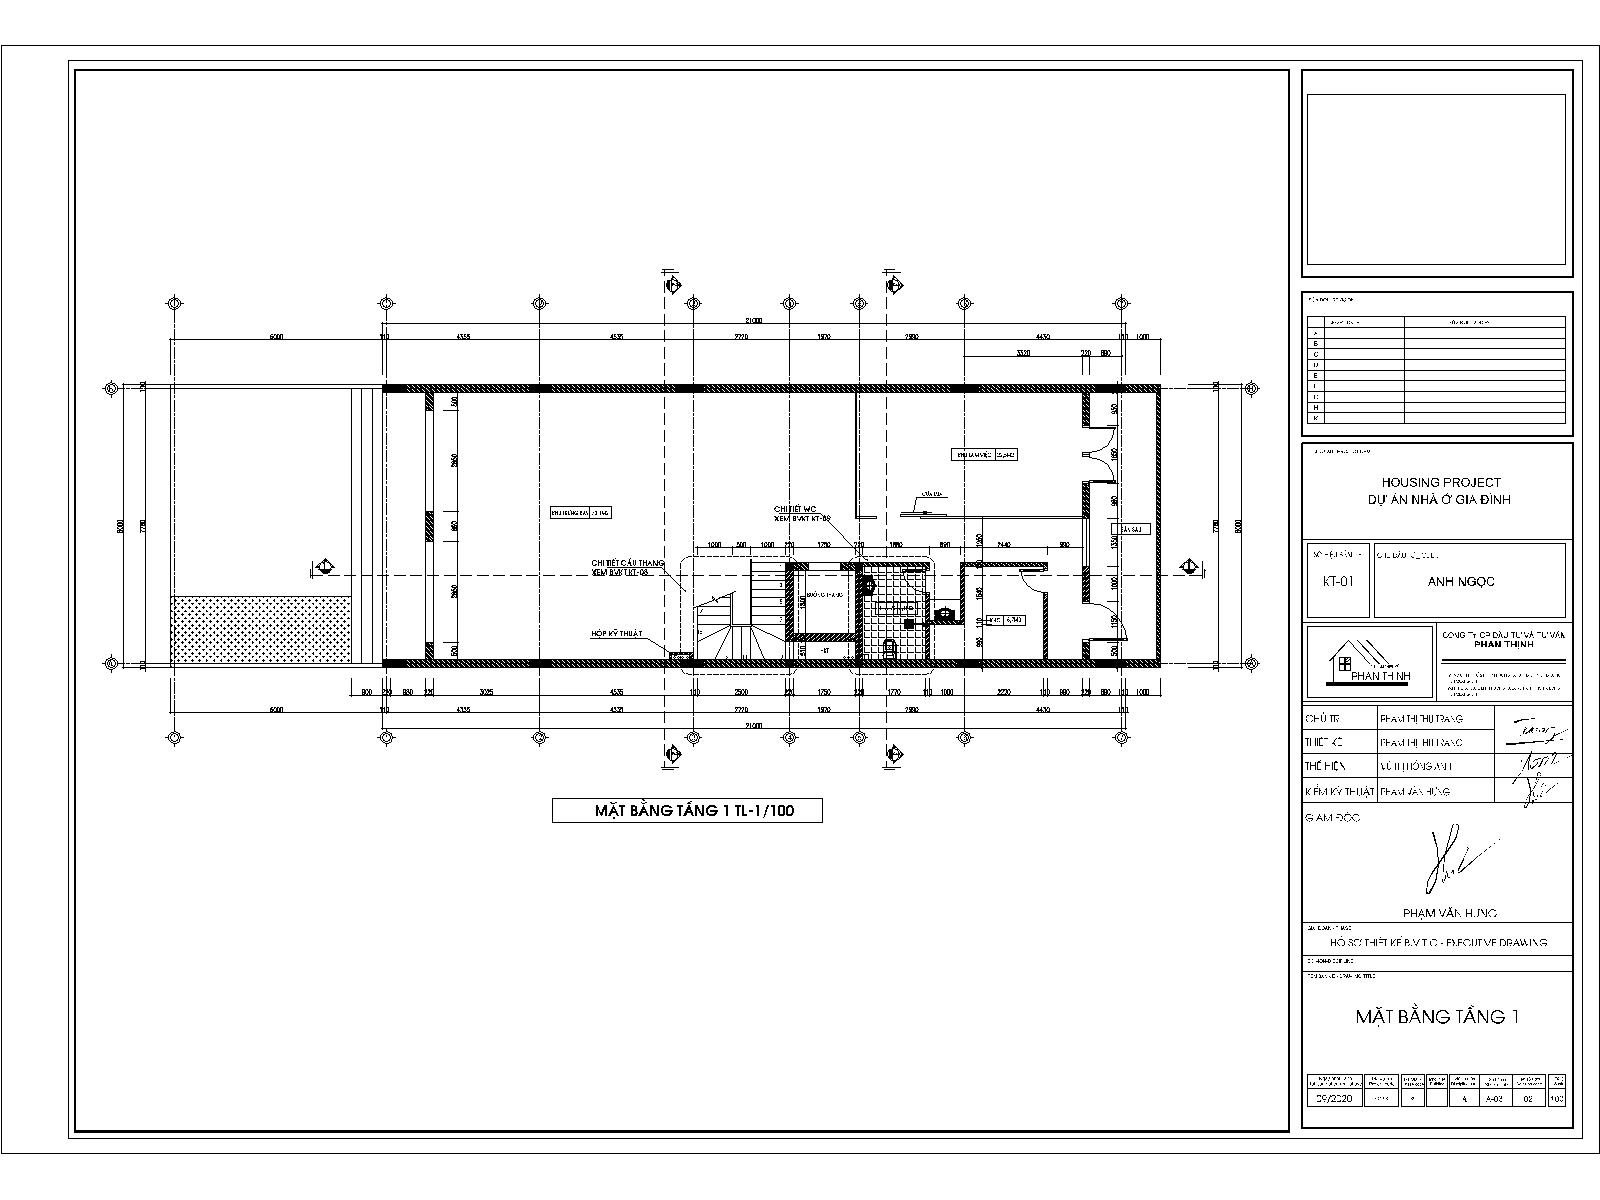 Mặt bằng tầng 1 - Bản vẽ thiết kế nhà 3 tầng